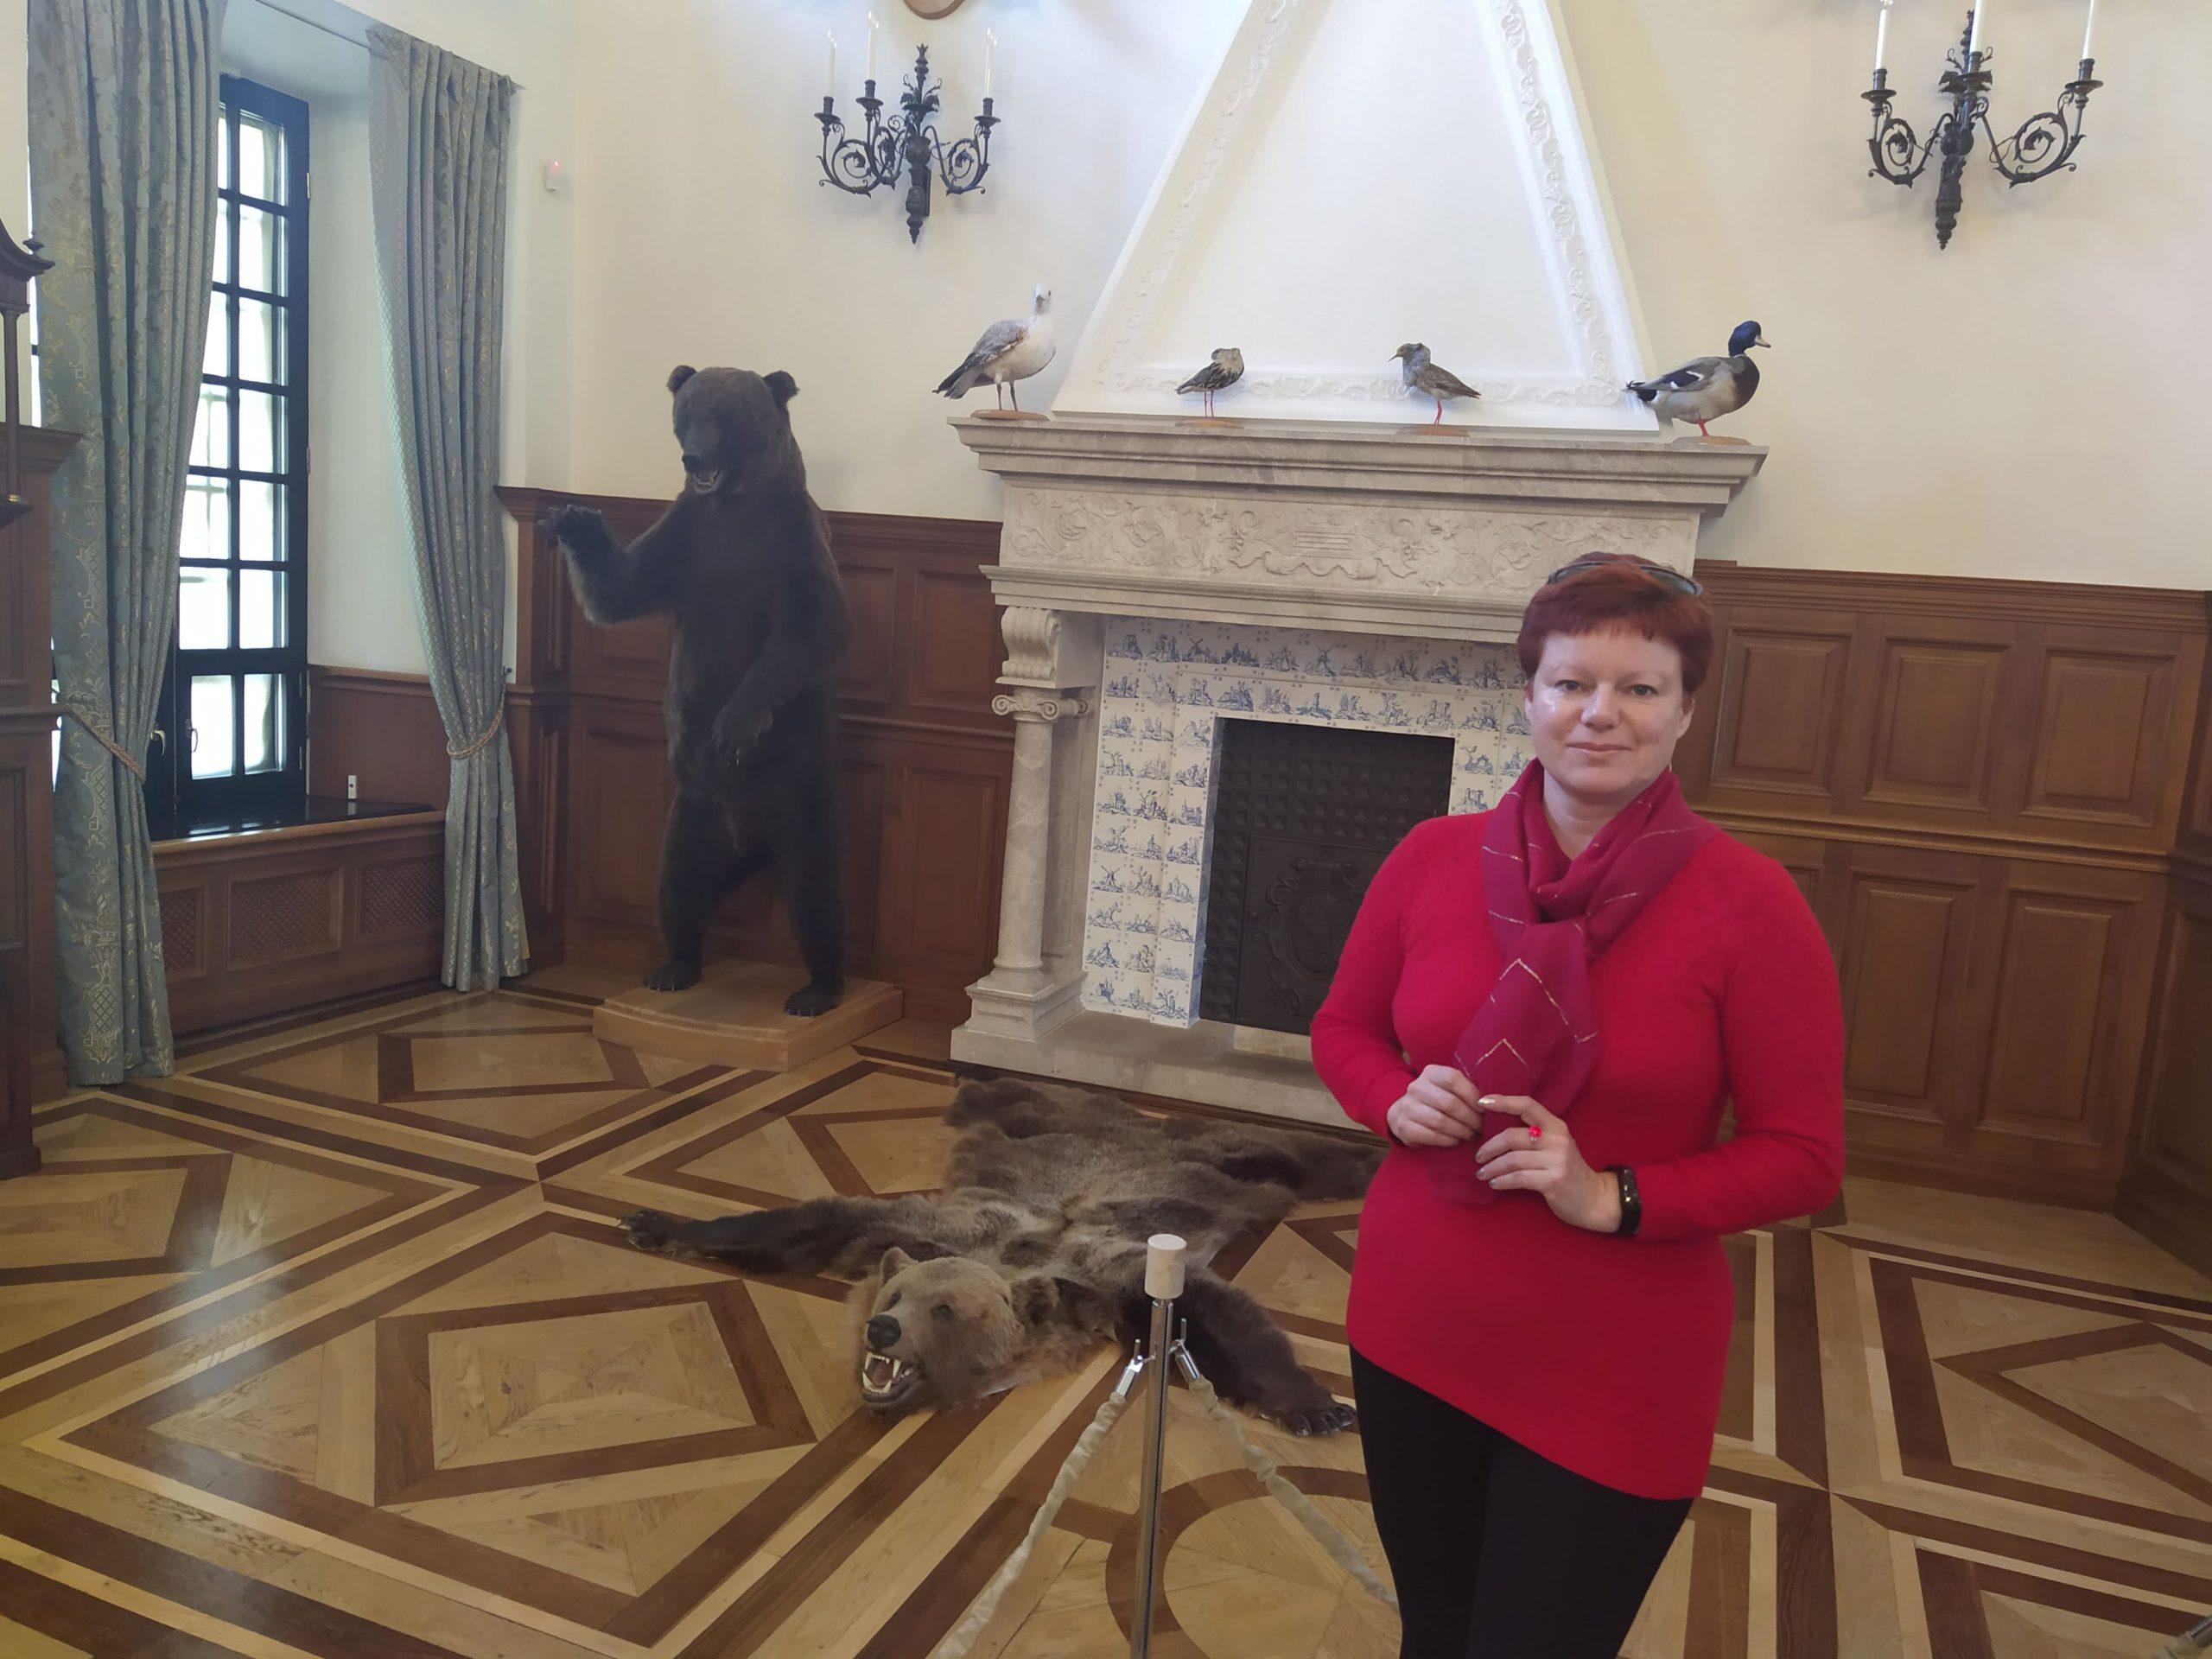 Музеі. Міжнародны дзей музеяў. Музей у Нясвіжскім палацы.